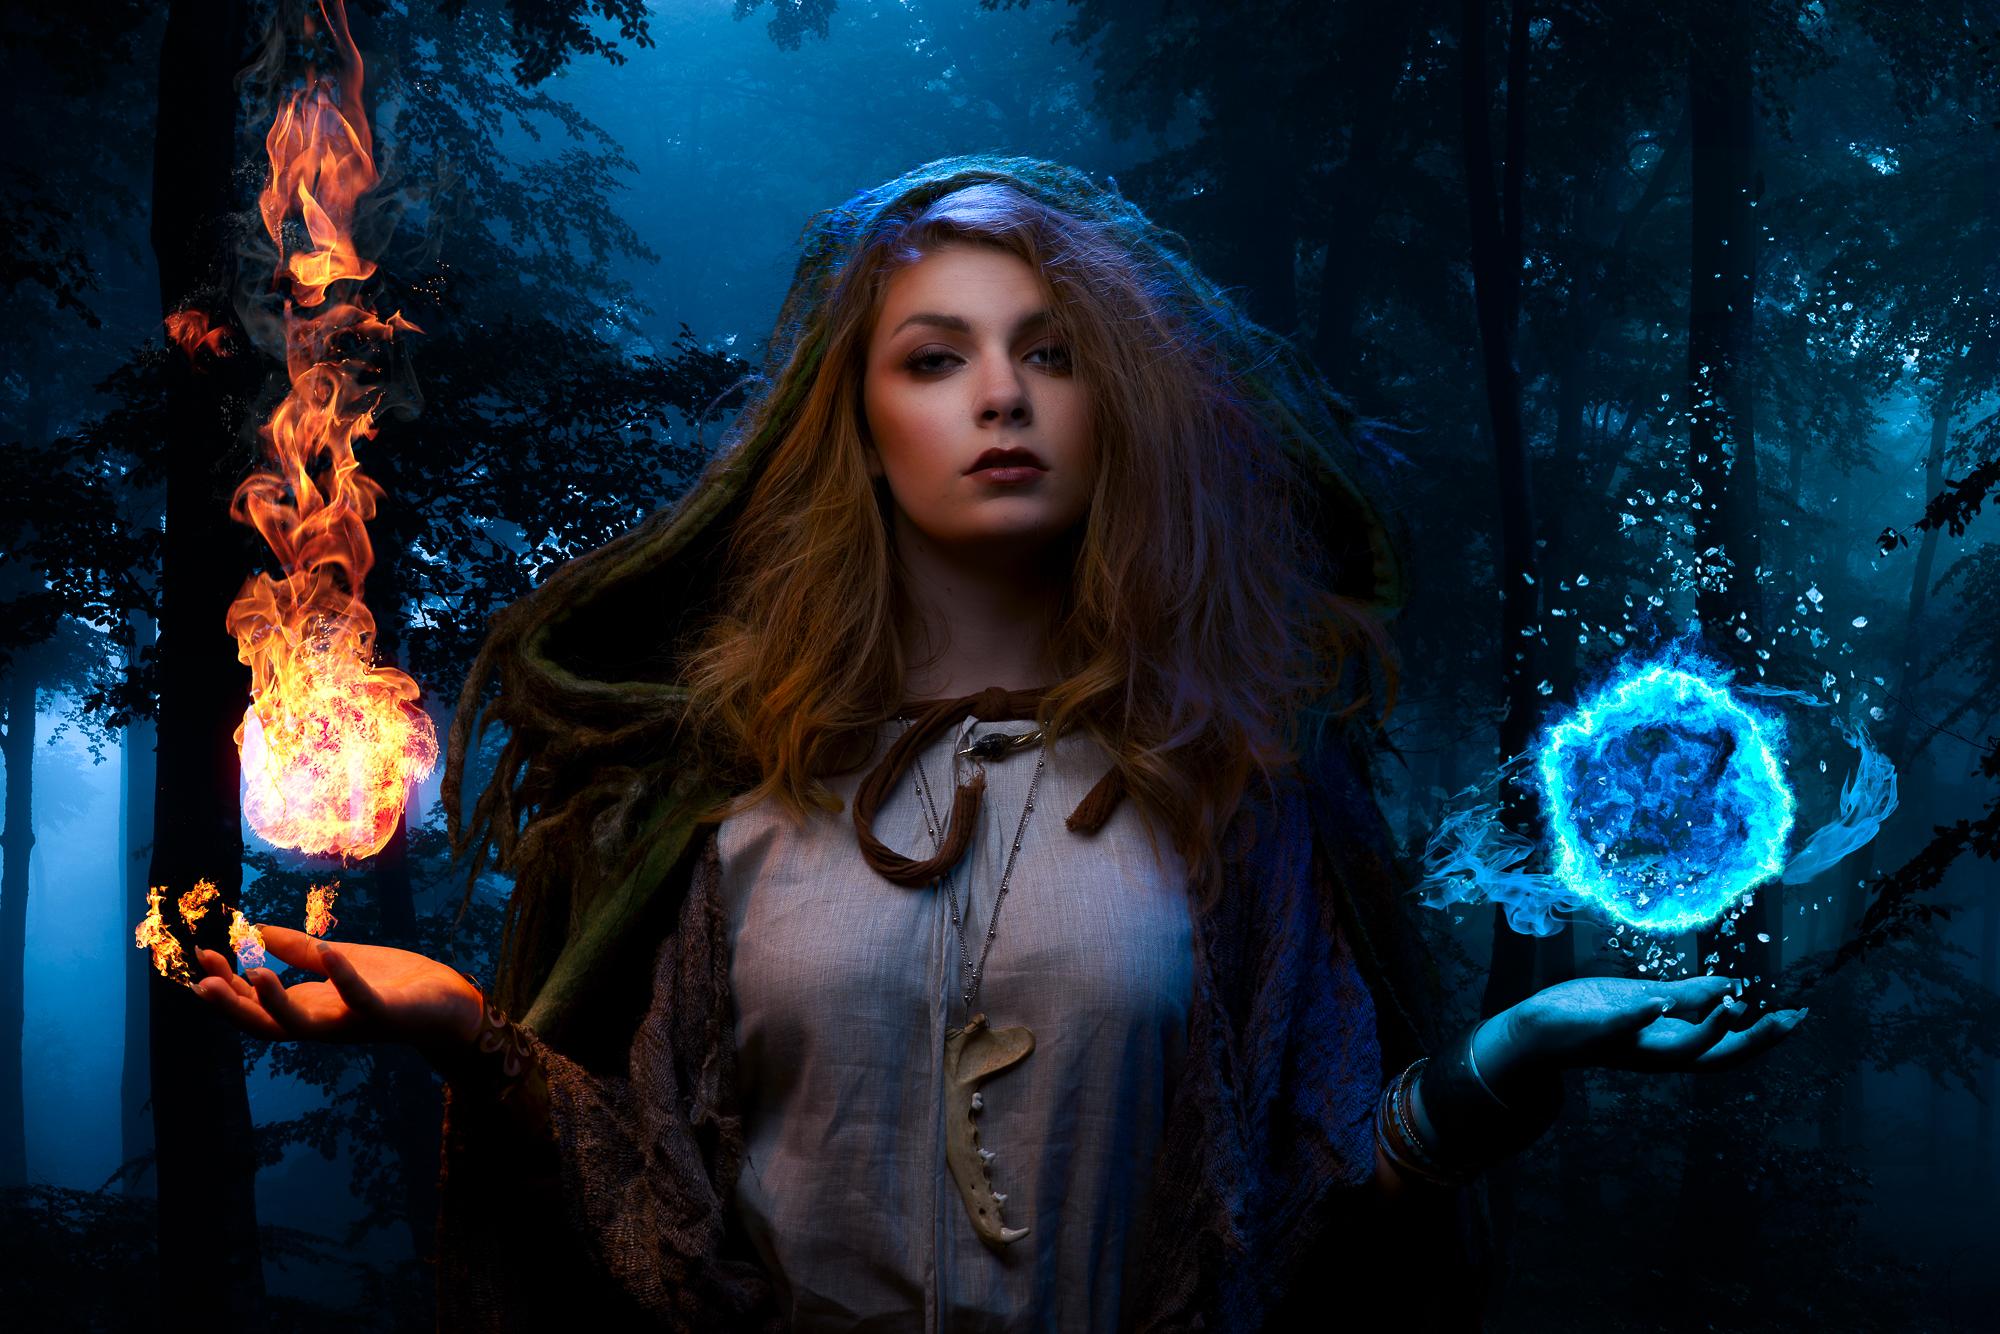 Atlanta Fantasy Photography